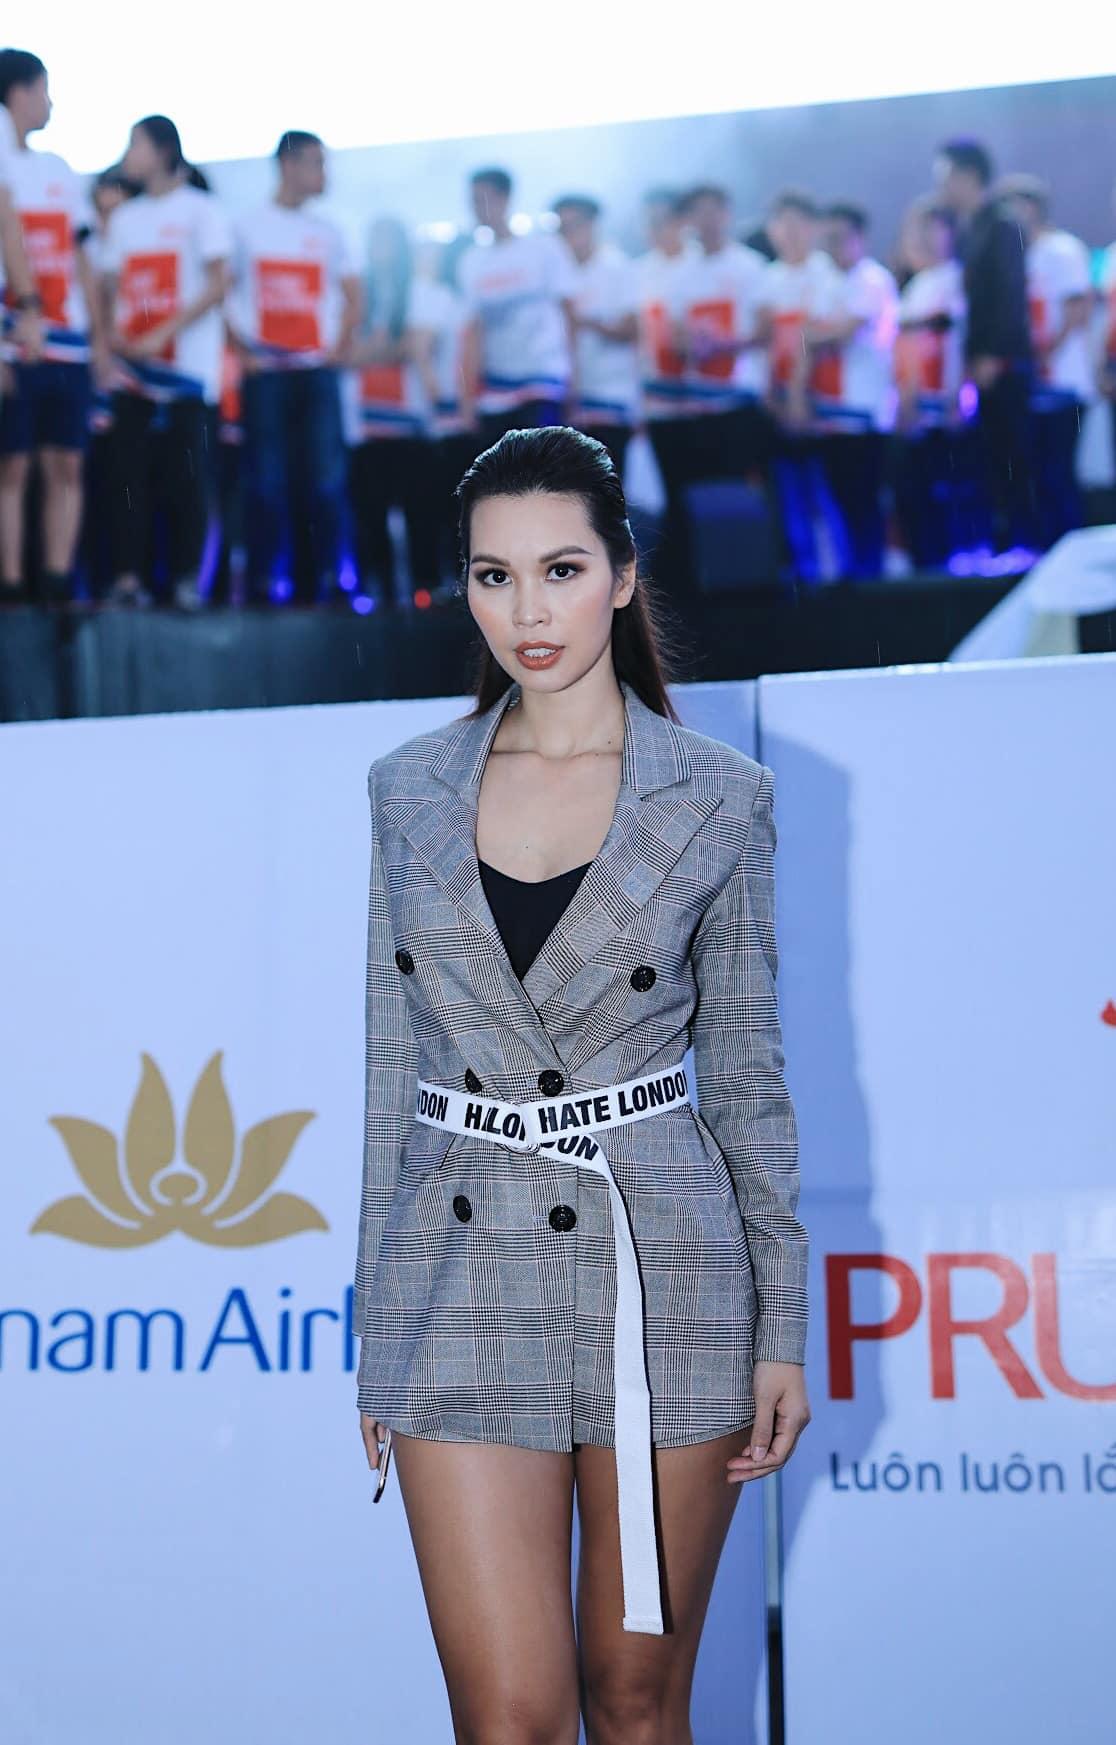 Siêu mẫu Hà Anh nói gì về nghi vấn mua giải tại Hoa hậu Trái đất? - Ảnh 1